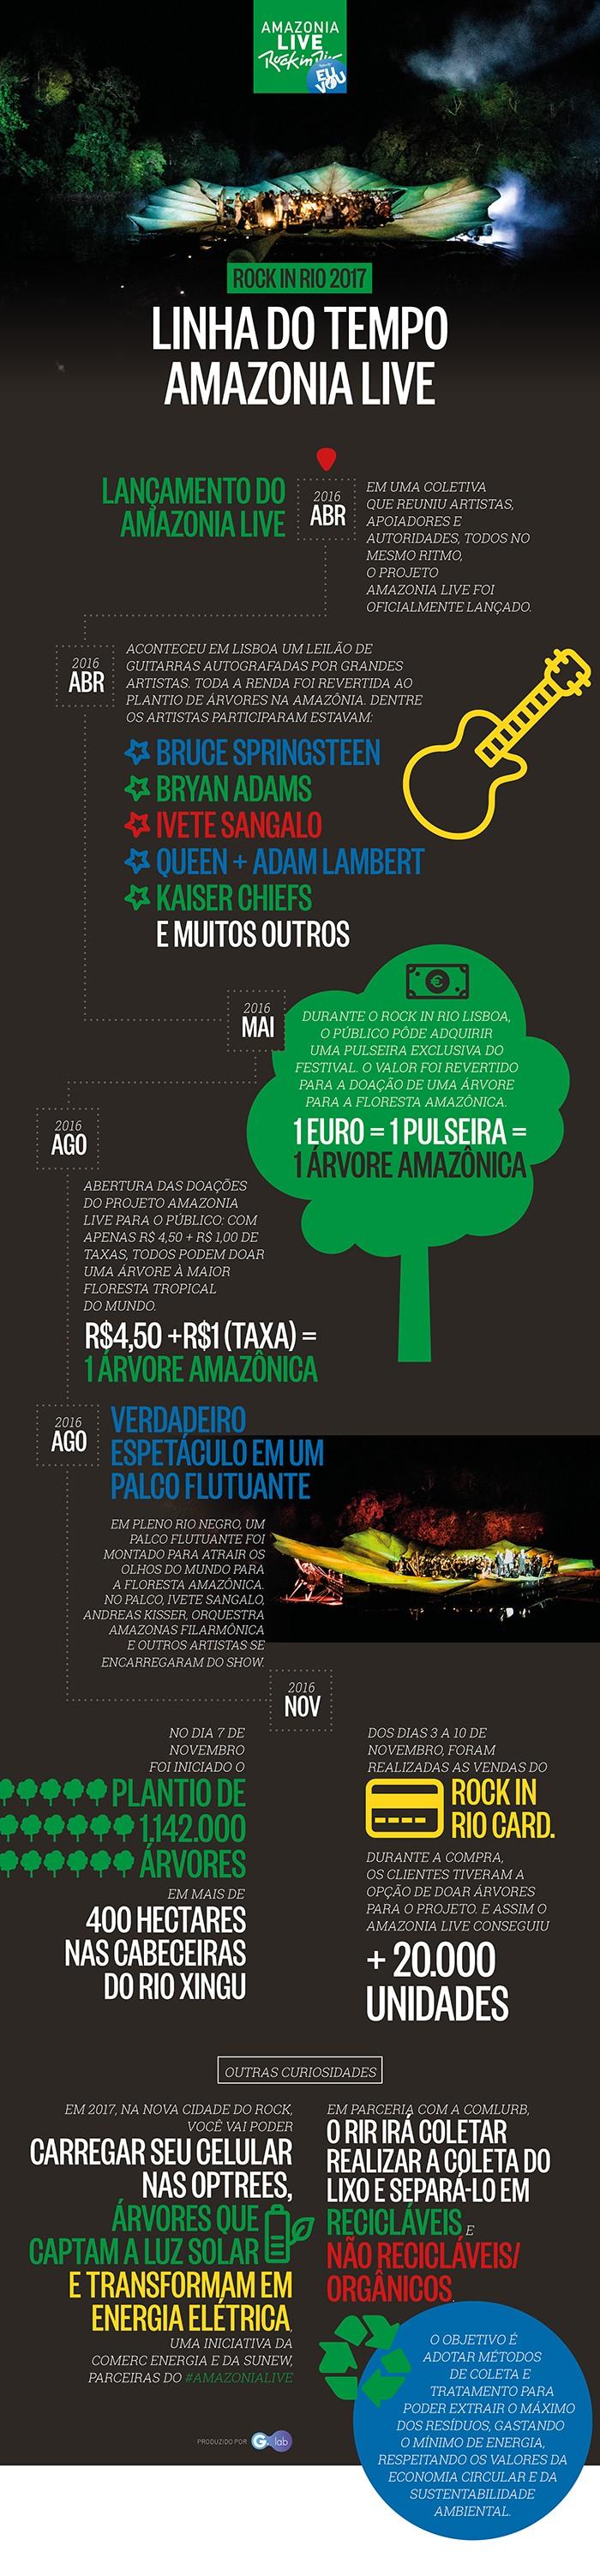 Linha do Tempo do Amazônia Live (Foto: Bruno Legitimo)